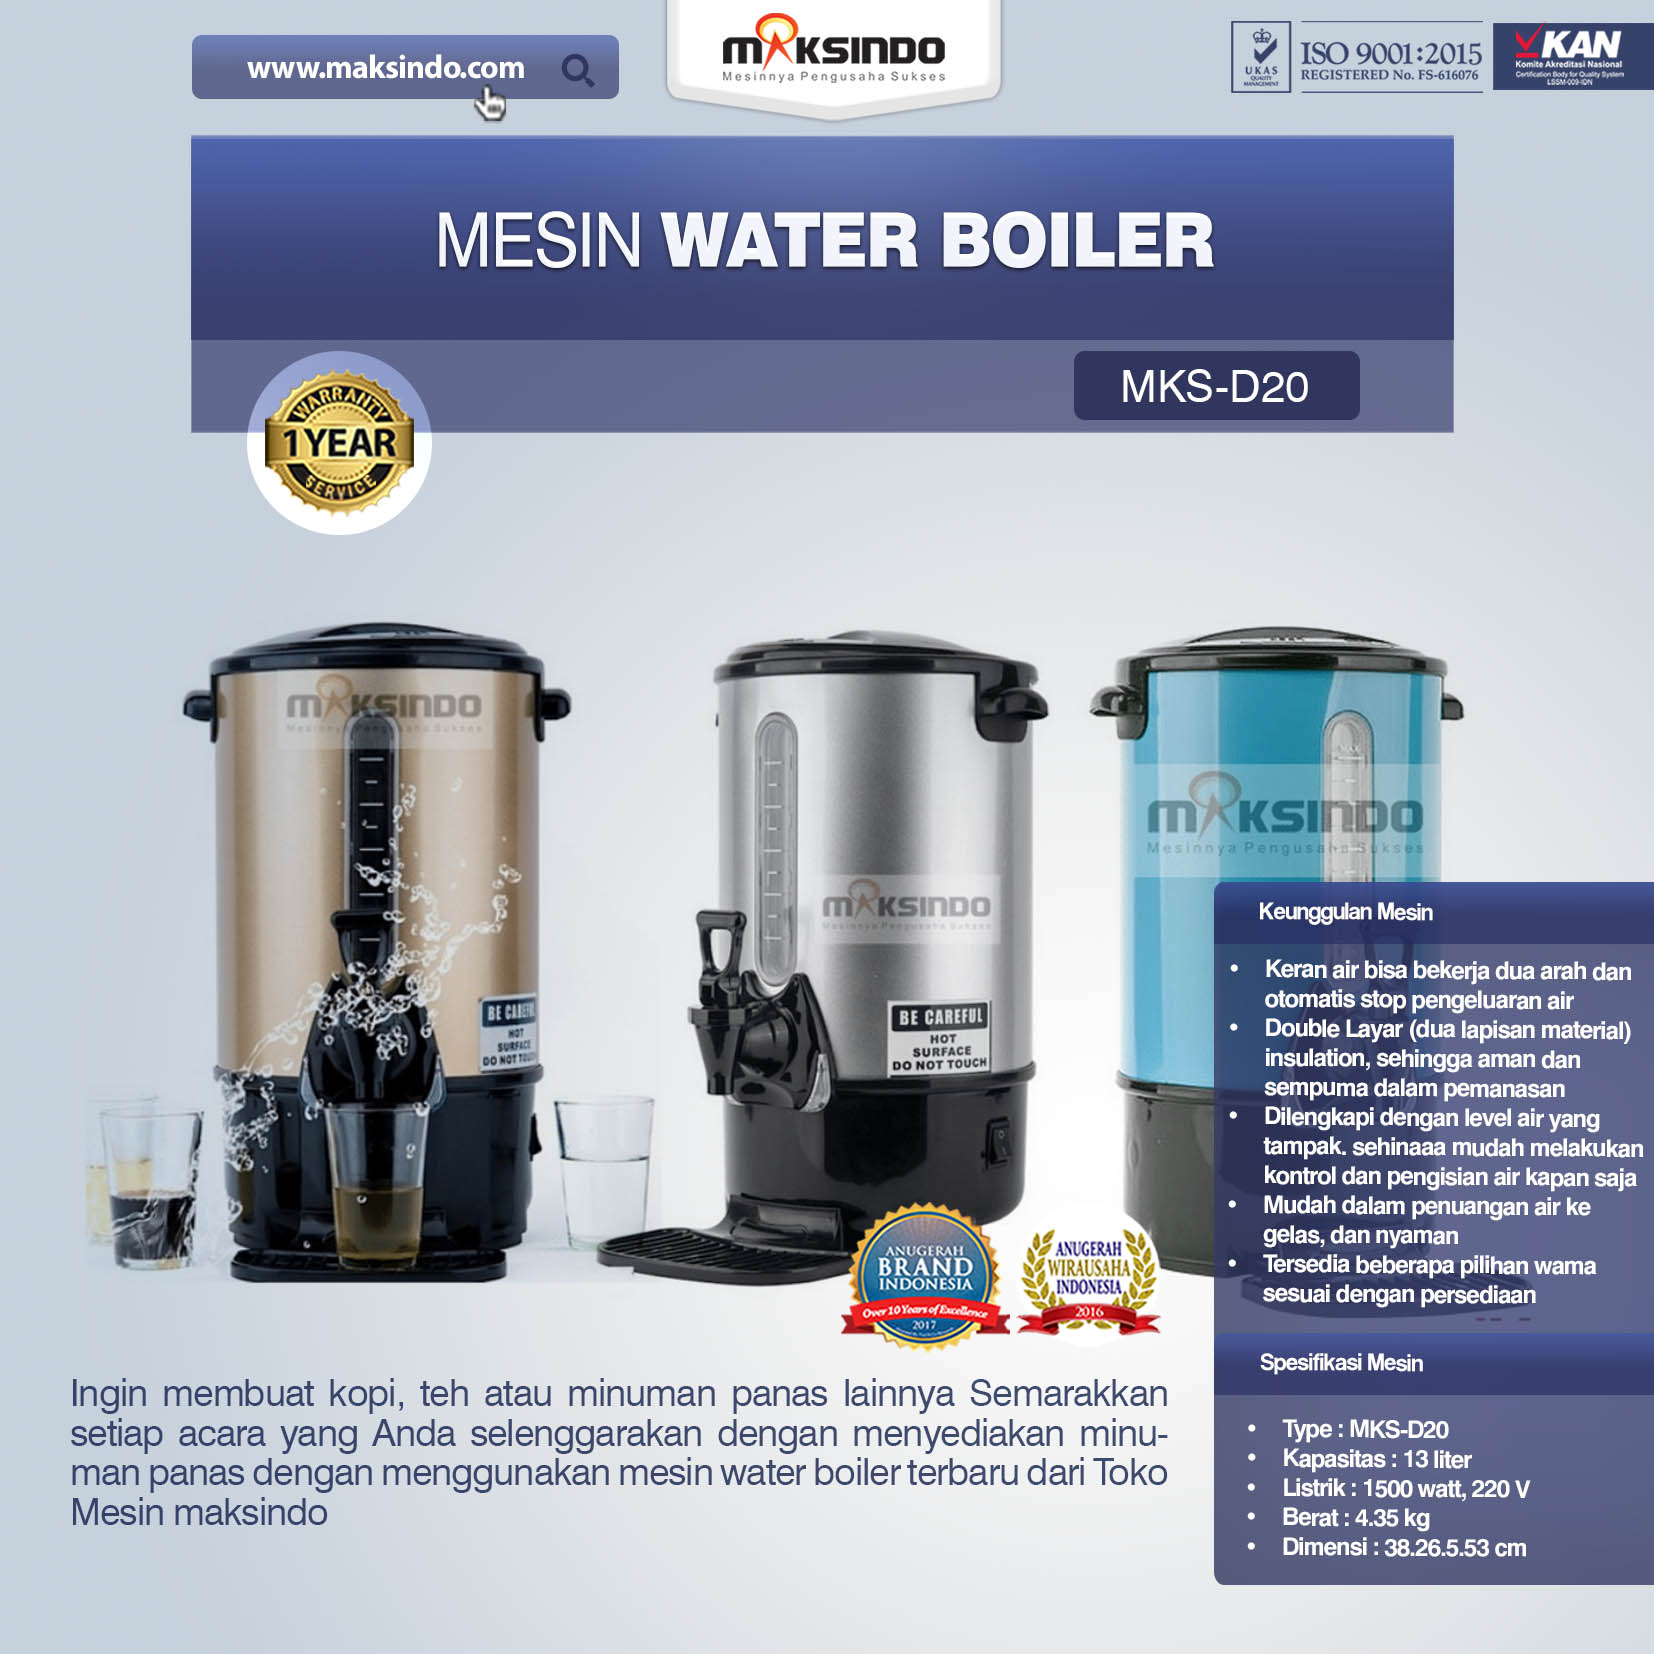 Jual Mesin Water Boiler (MKS-D20) di Mataram